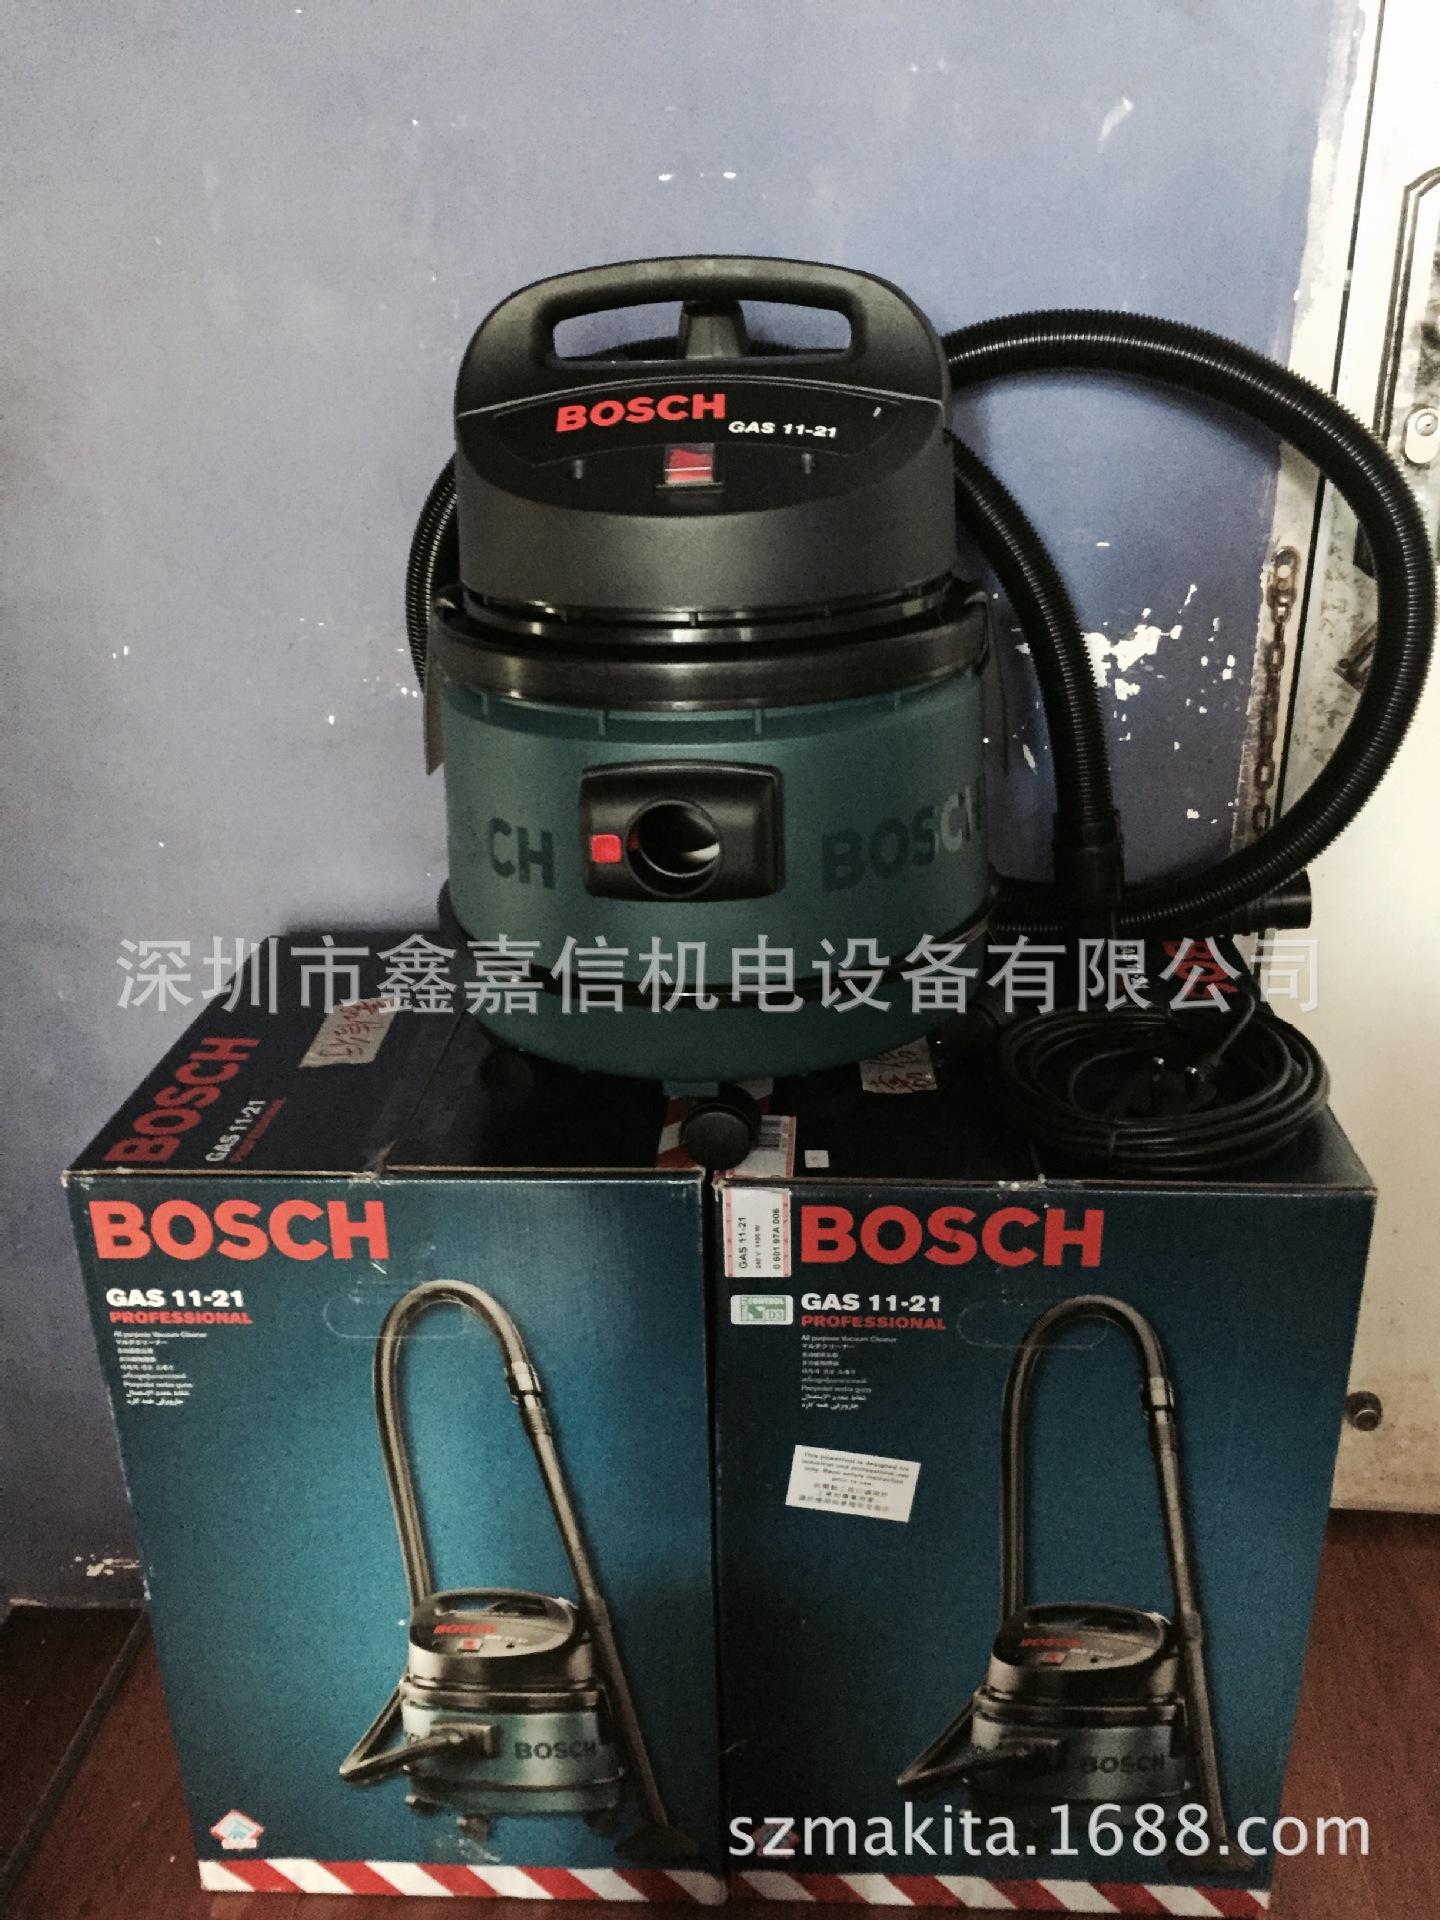 德國吸塵器_獨家批發 bosch 博世 工業級吸塵器 - 阿里巴巴